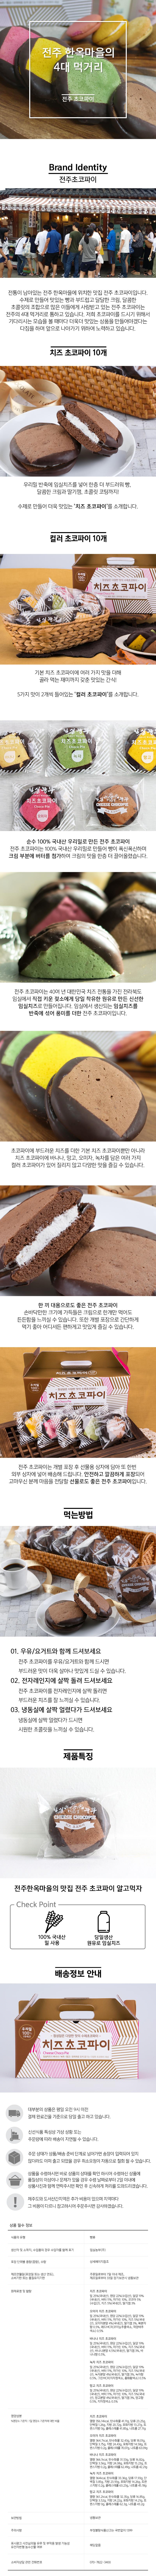 전주한옥마을 맛집 초코파이 - 테이스티푸드, 24,900원, 압력솥/찜기, 찜기